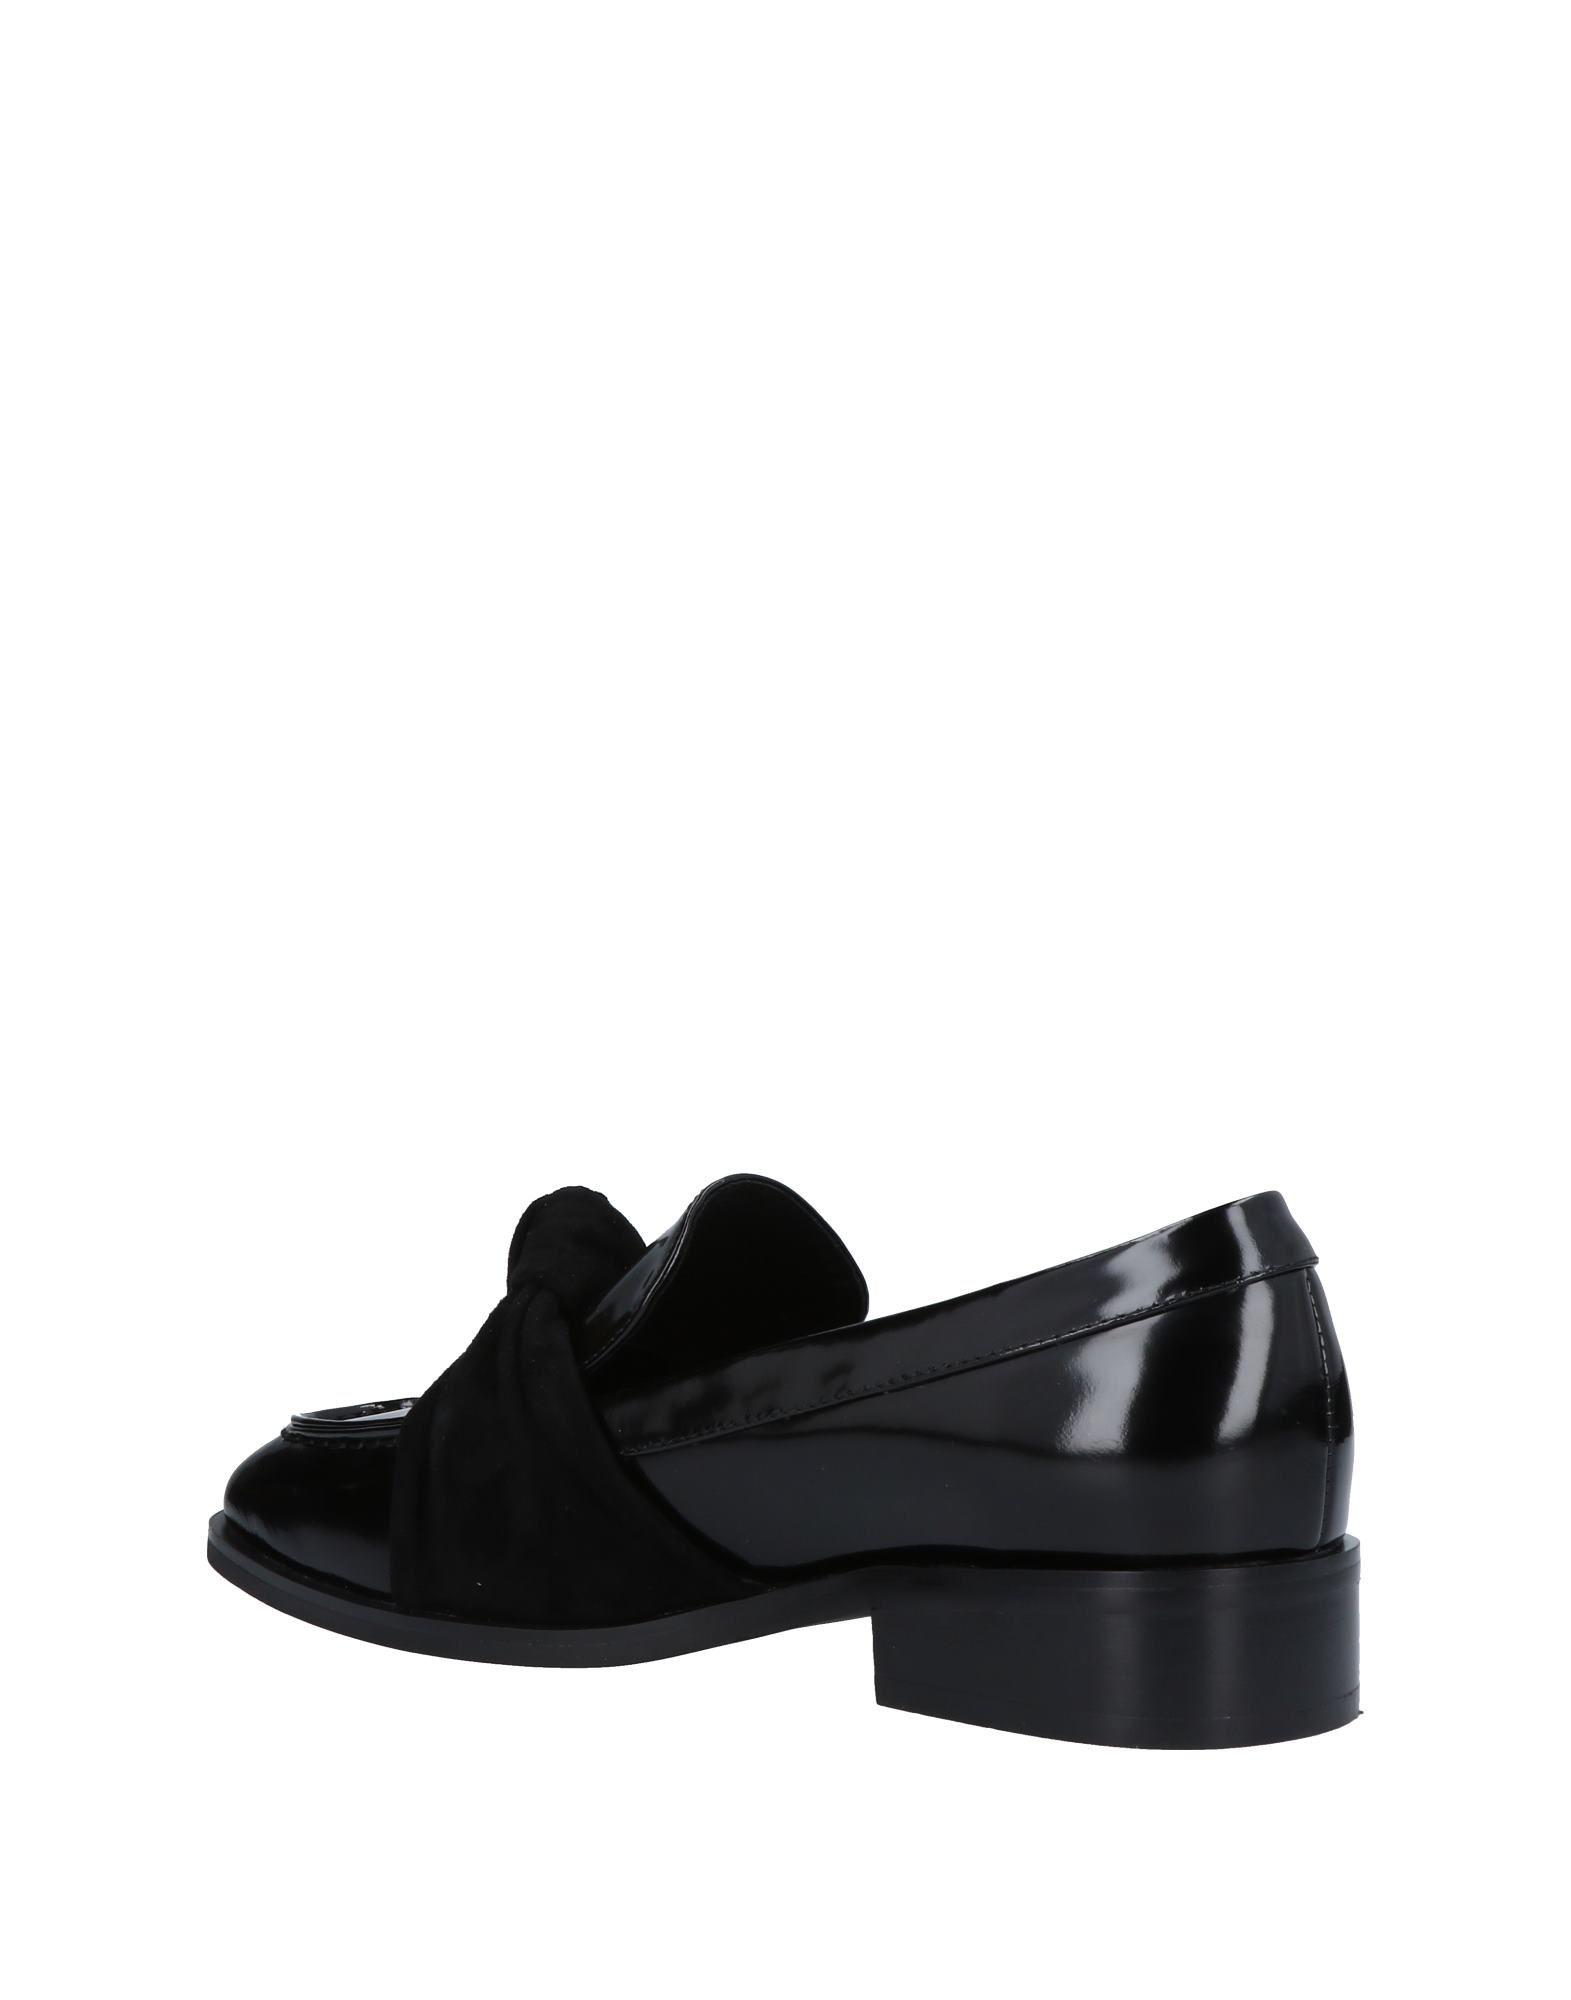 Jeffrey Campbell Mokassins Qualität Damen  11466147NE Gute Qualität Mokassins beliebte Schuhe 3fb704